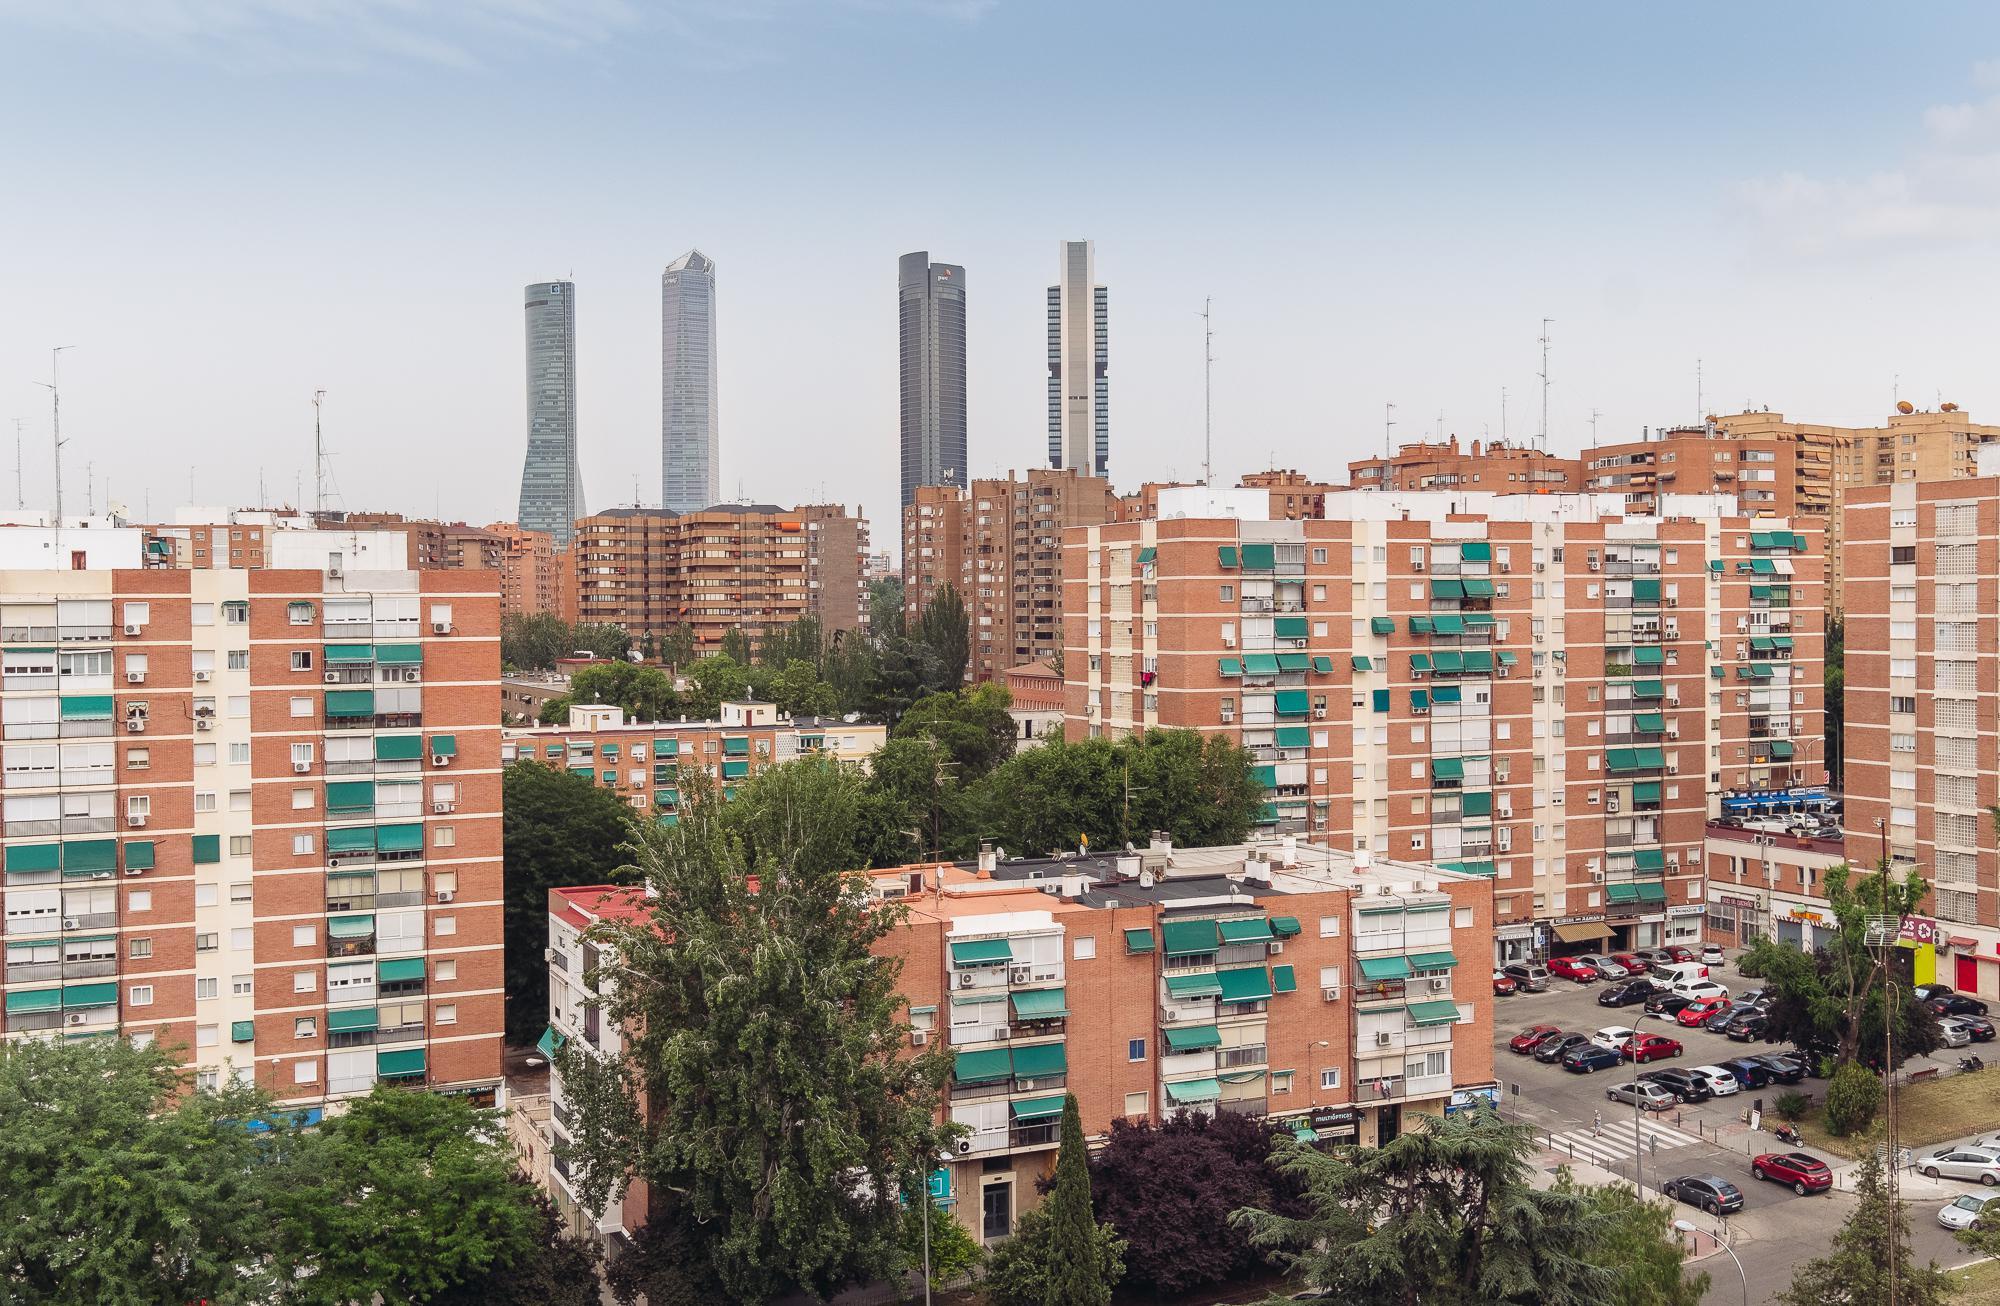 Piso barrio del pilar best piso bajo barrio del pilar foto with piso barrio del pilar with piso - Pisos en barrio del pilar ...